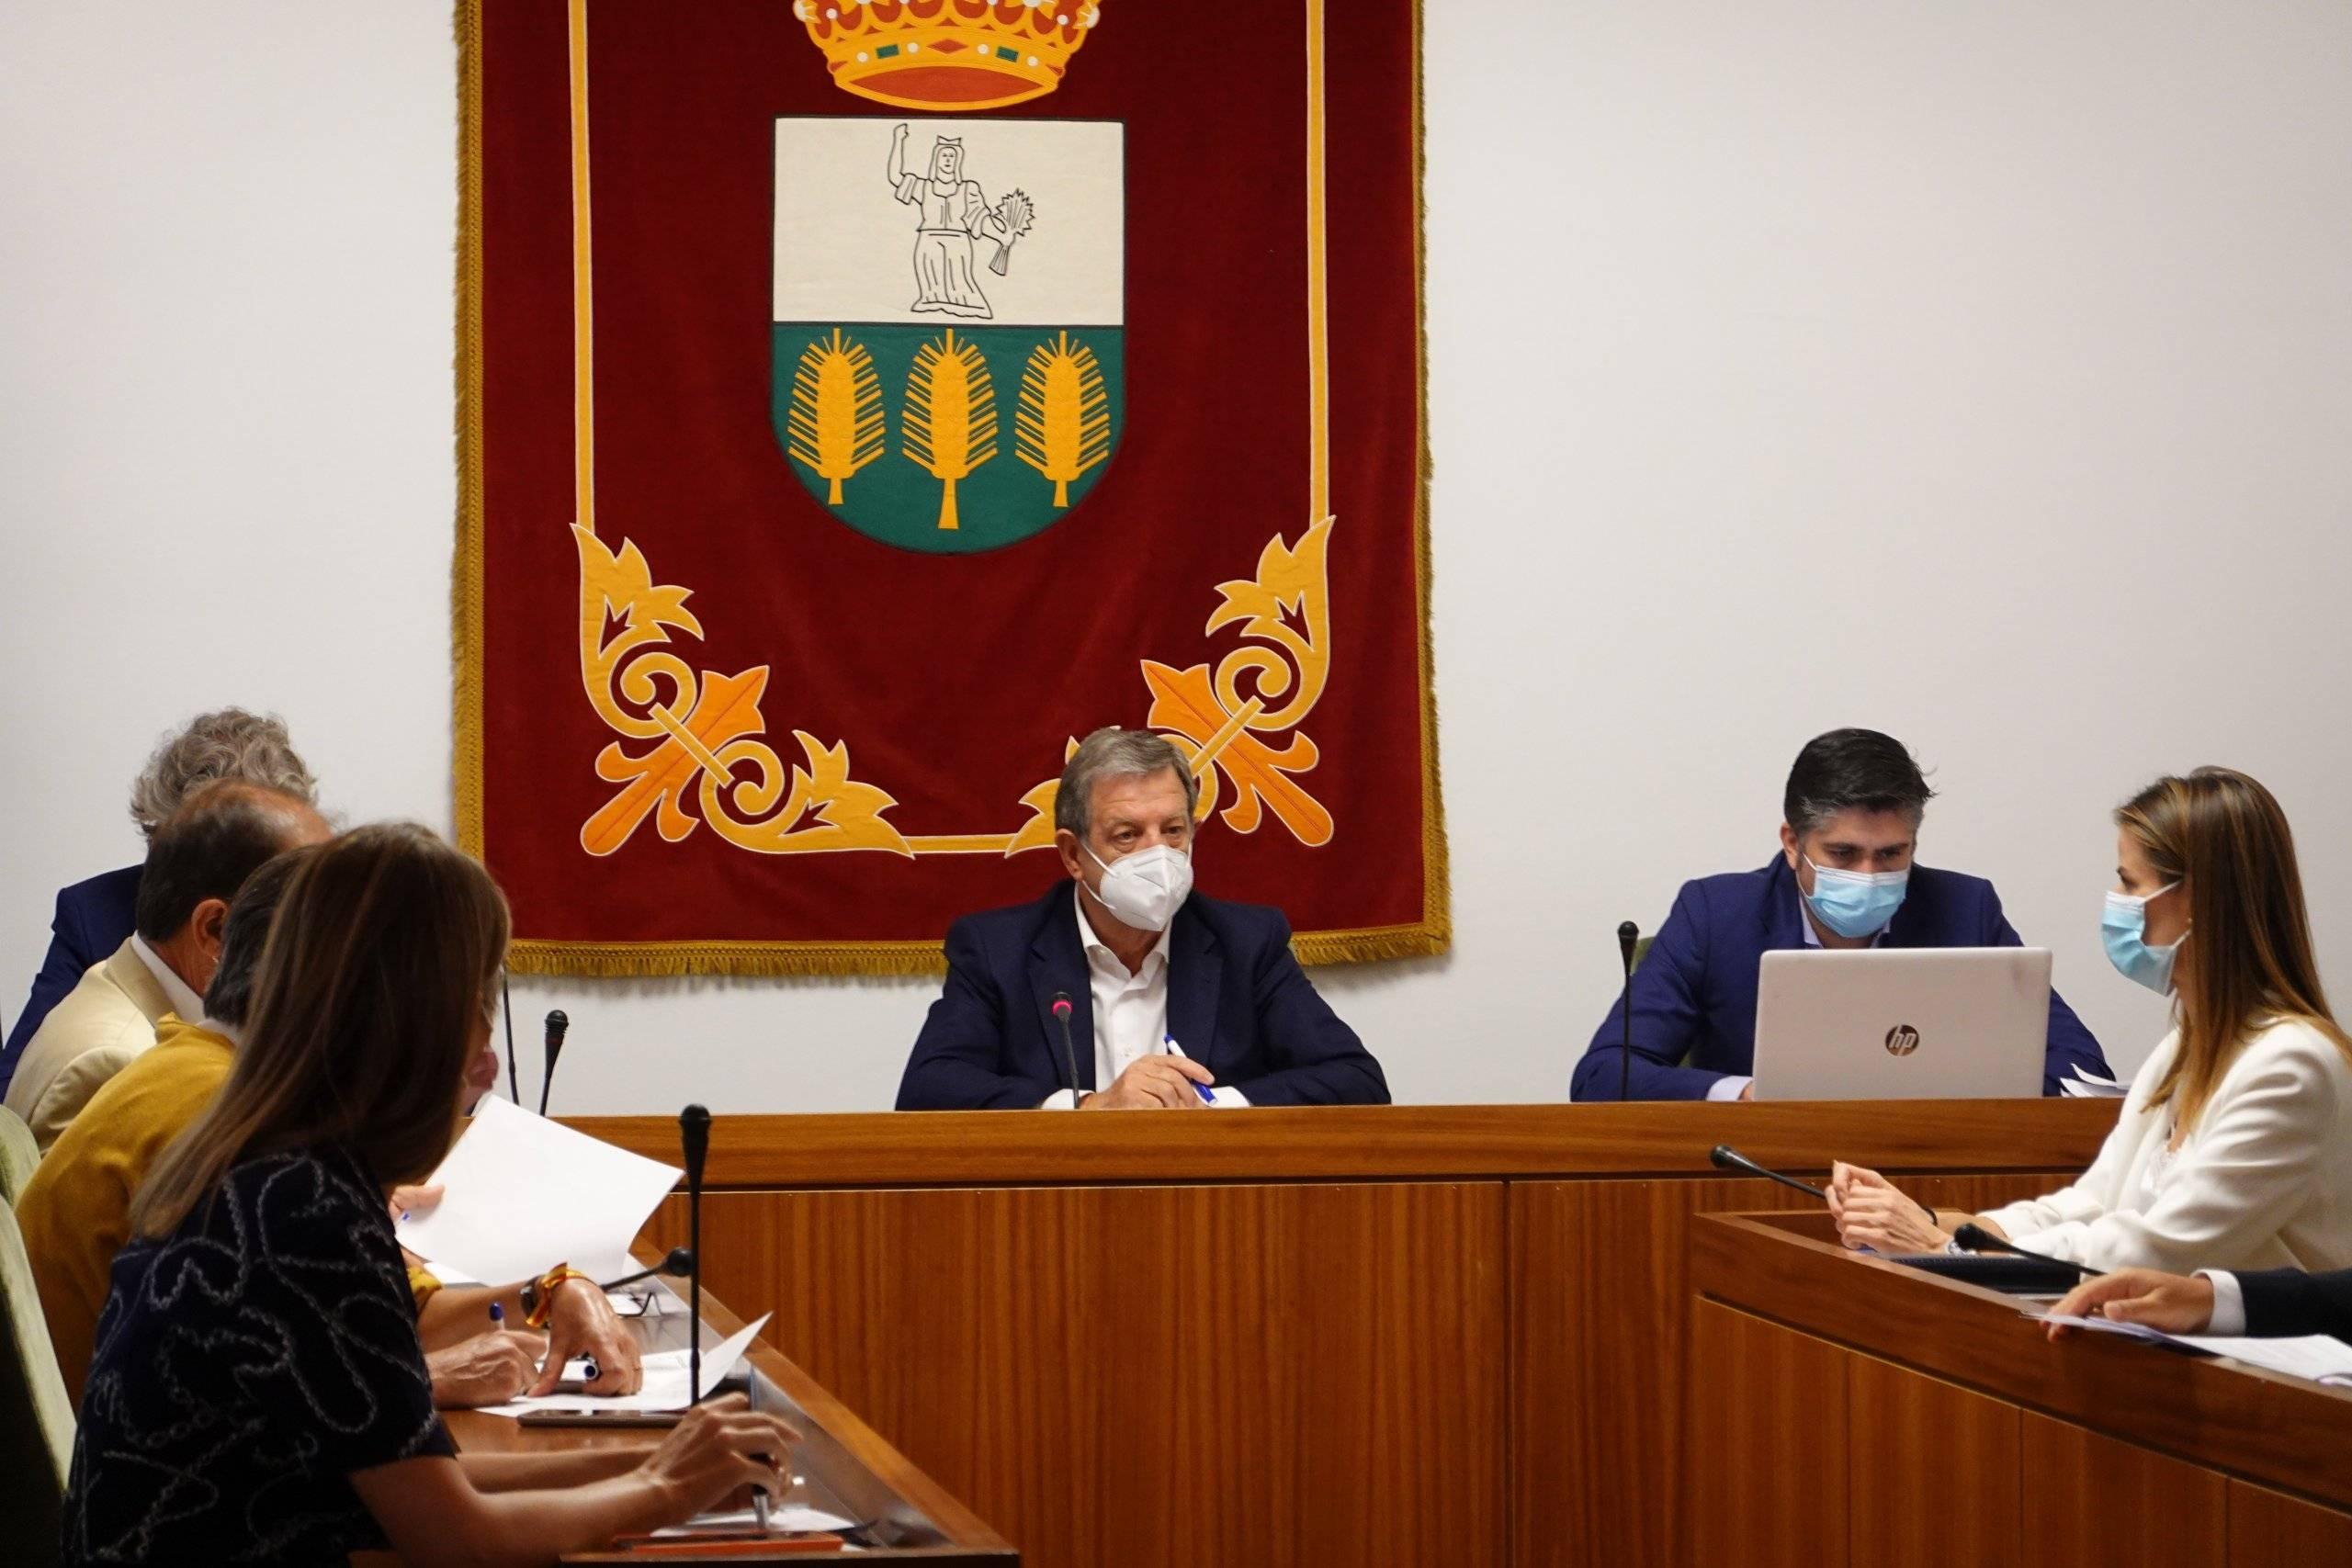 Alcalde y miembros de la Corporación Municipal.